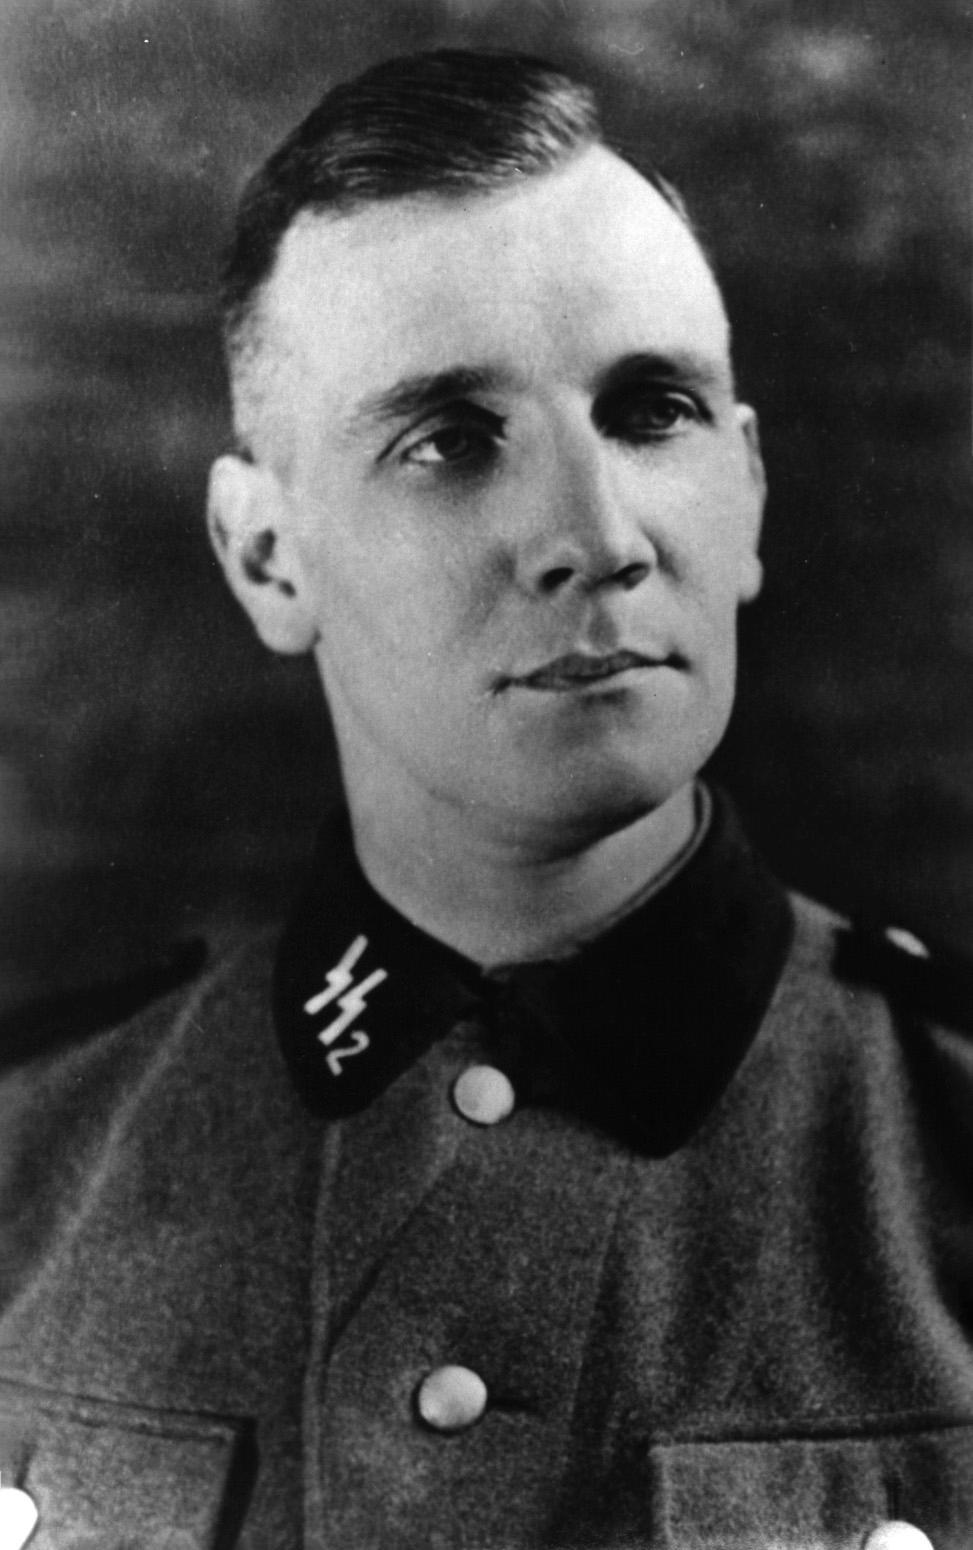 Den tyske SS-officeren Kurt Gerstein.